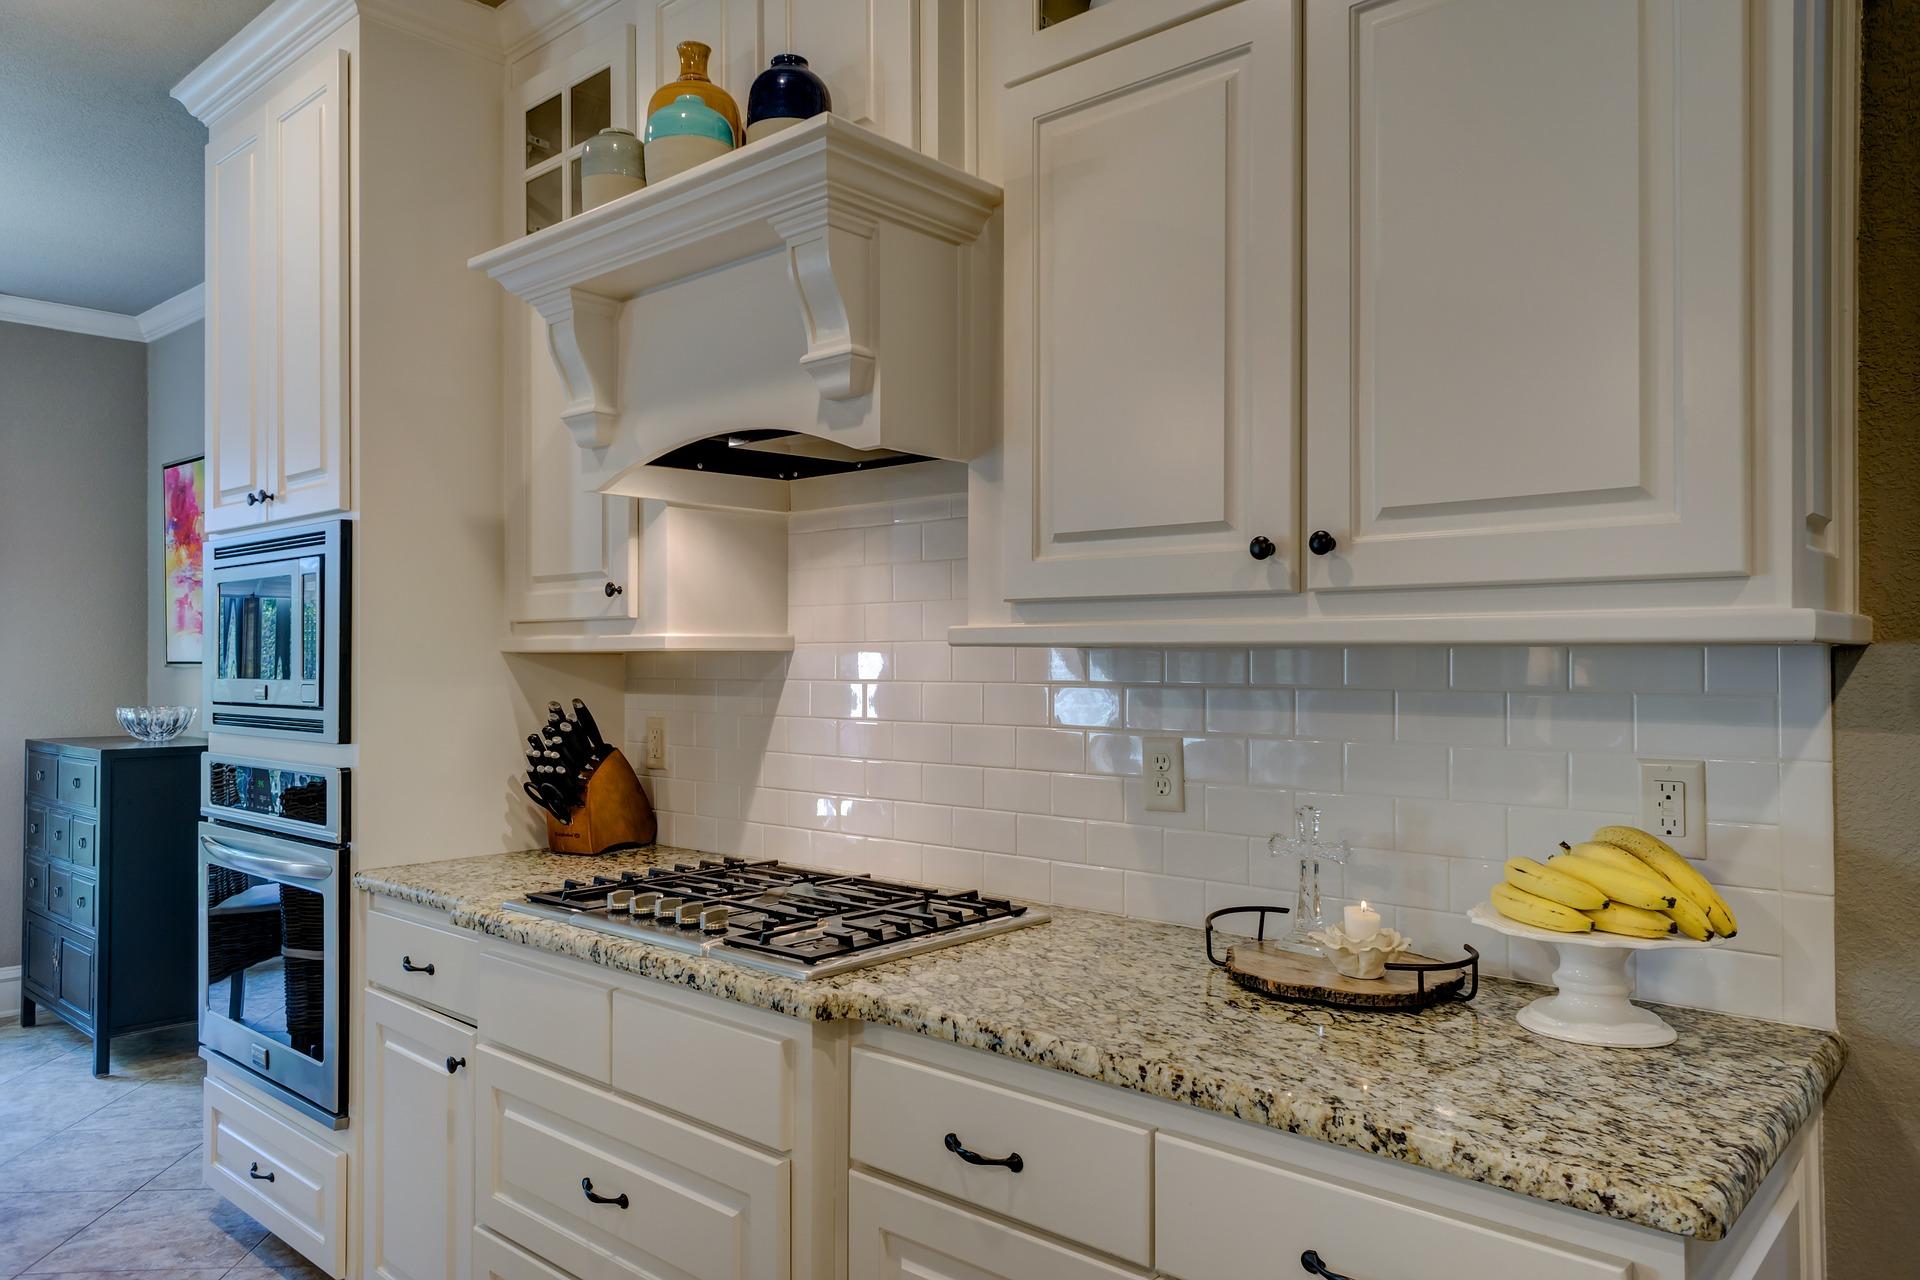 kitchen-1940176_1920